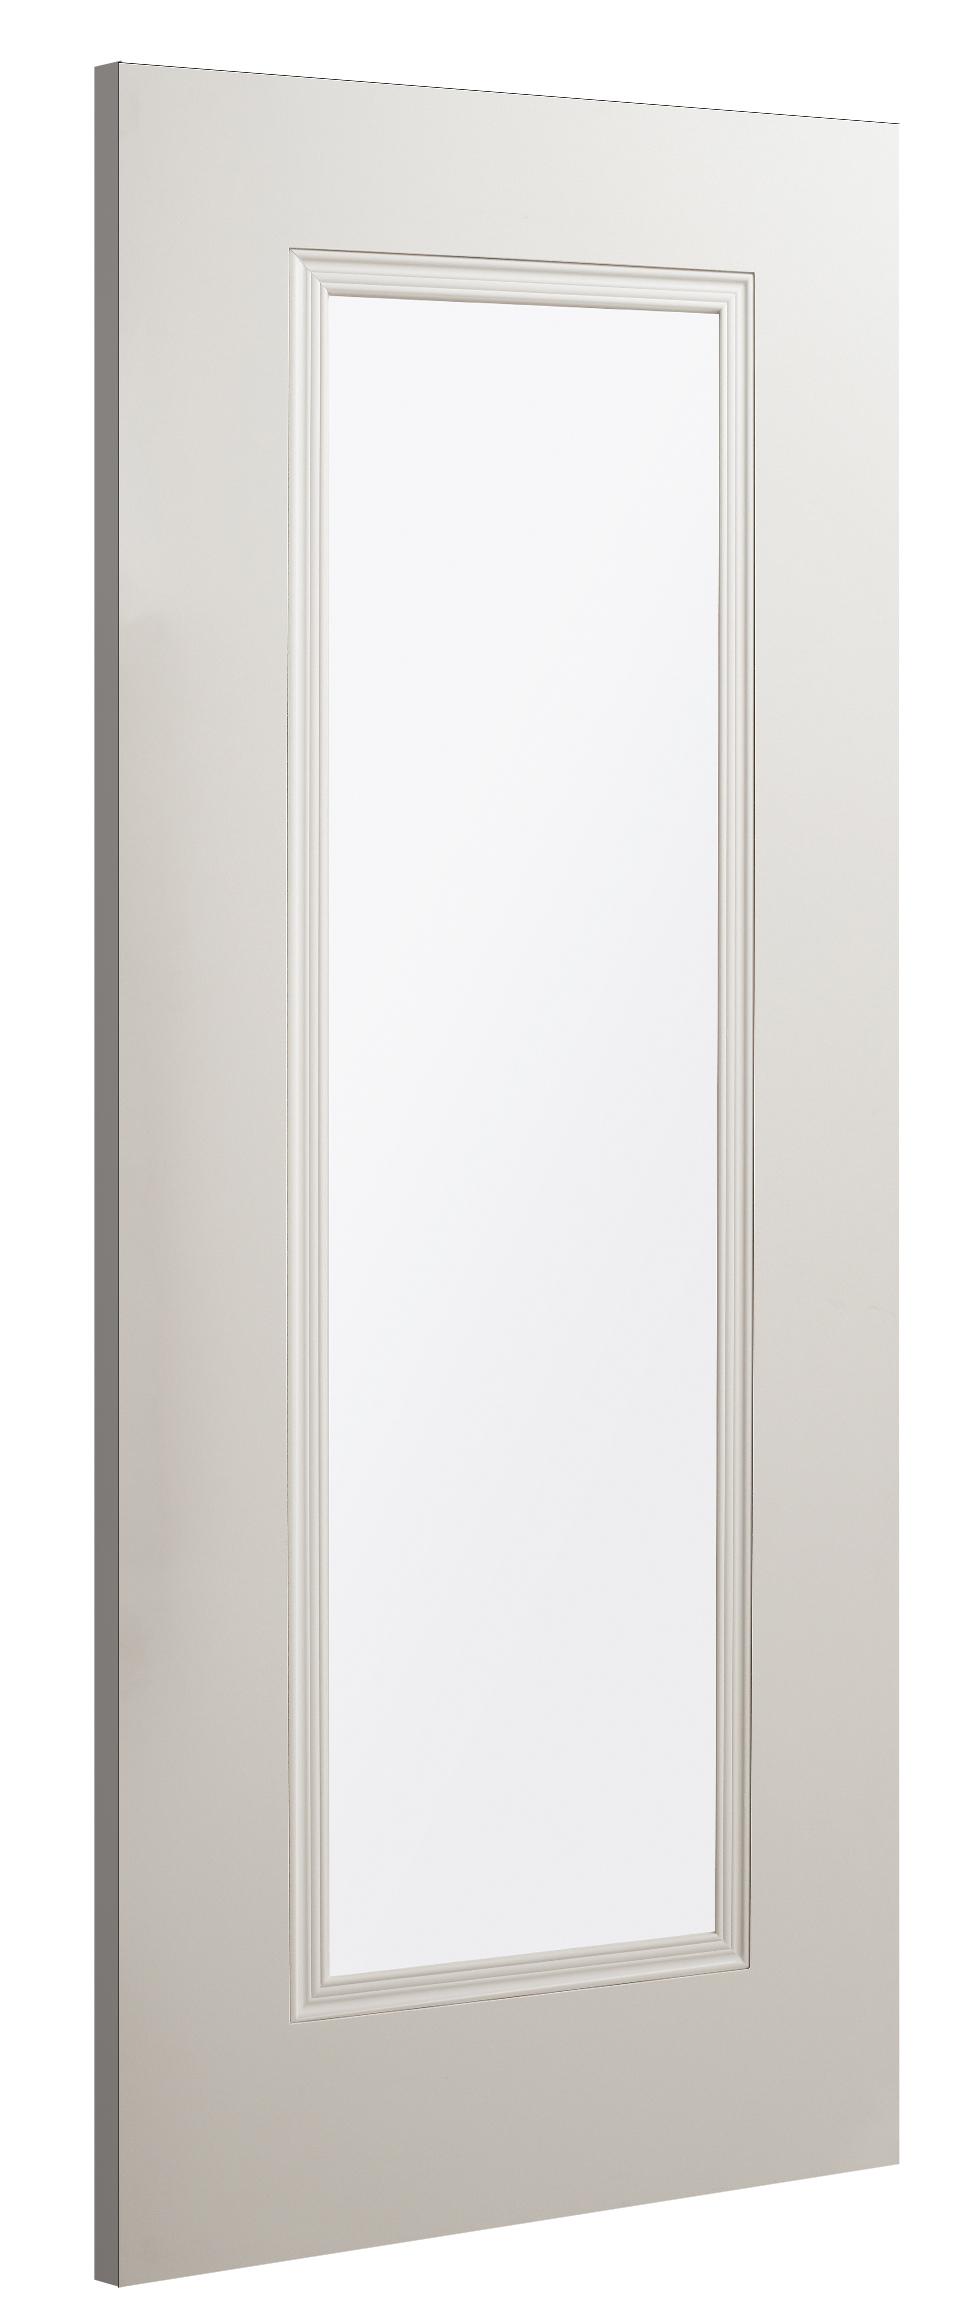 Primed Doors HP37GC